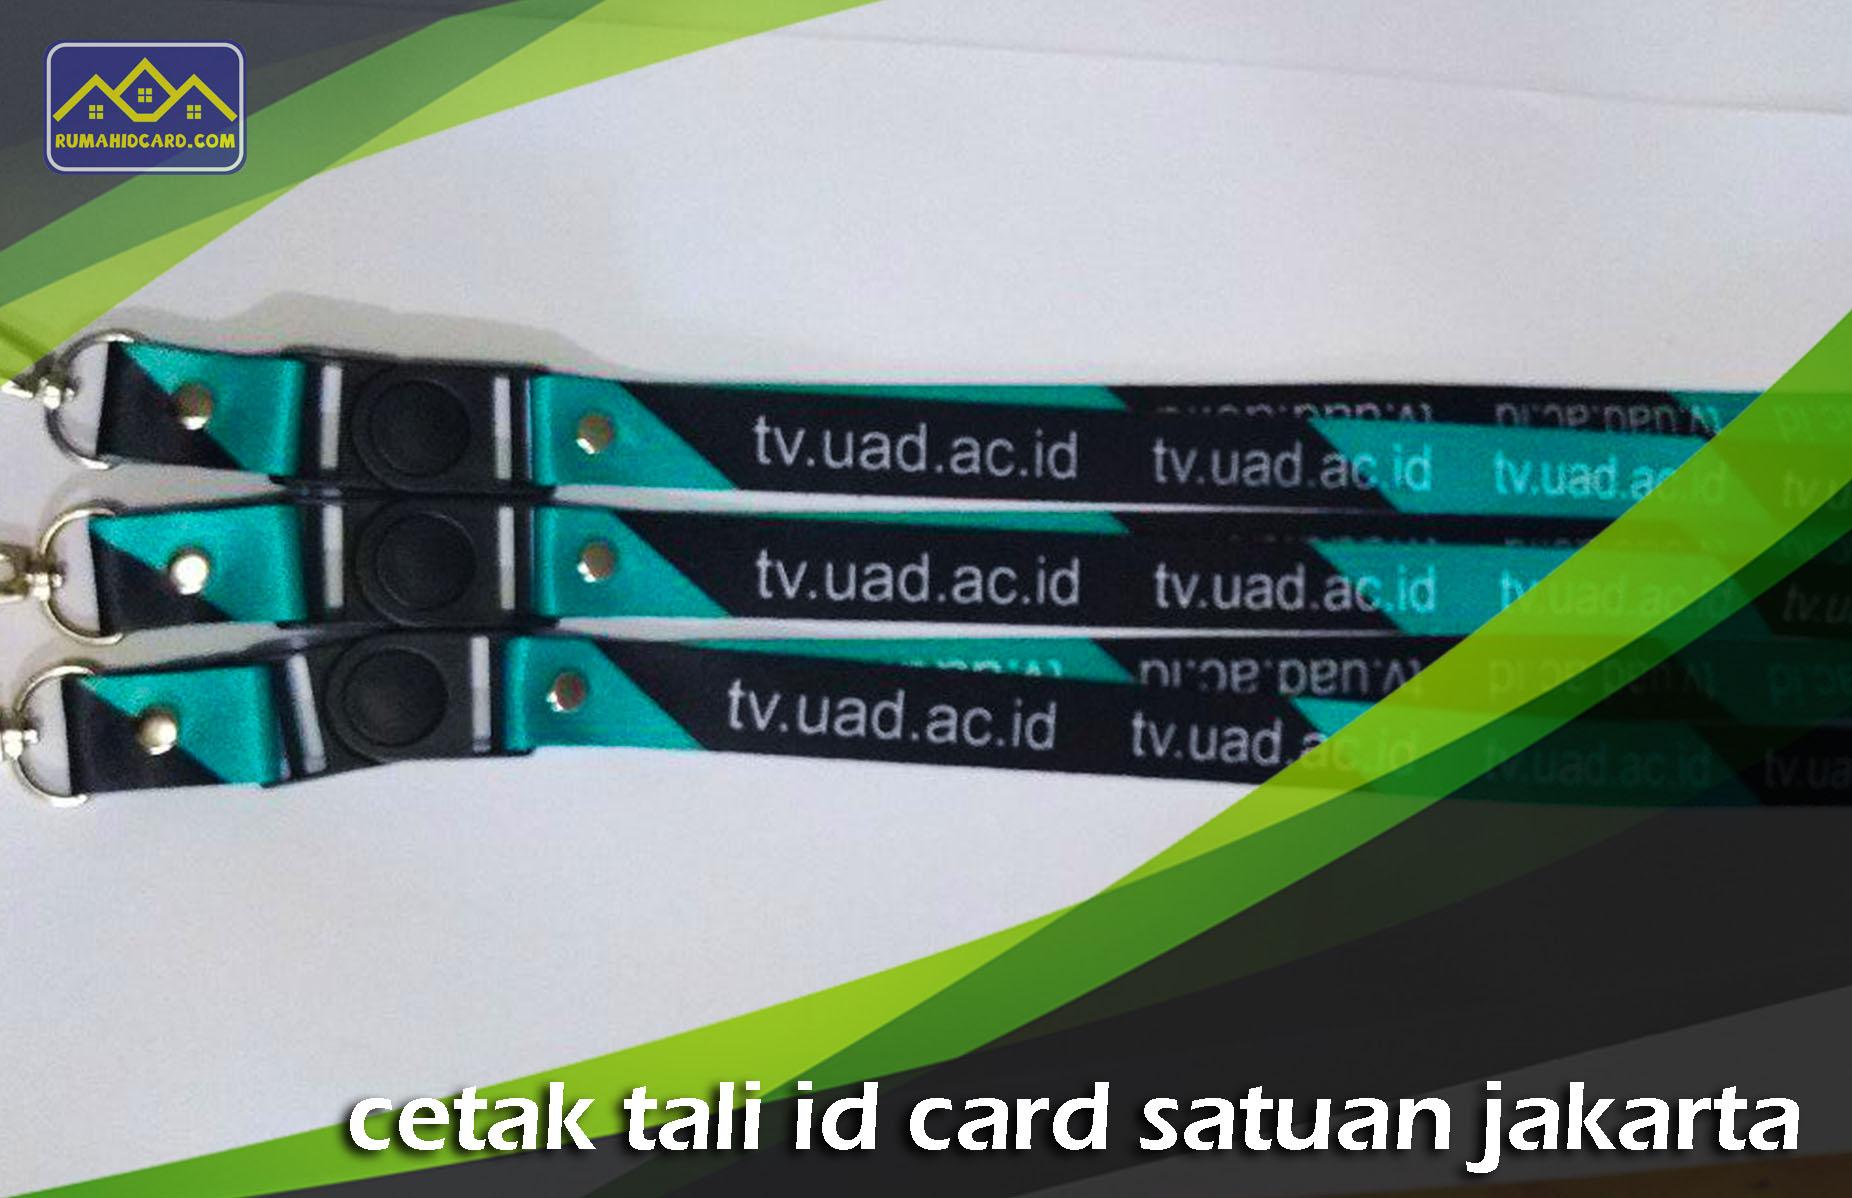 Cetak Tali ID Card Satuan Jakarta